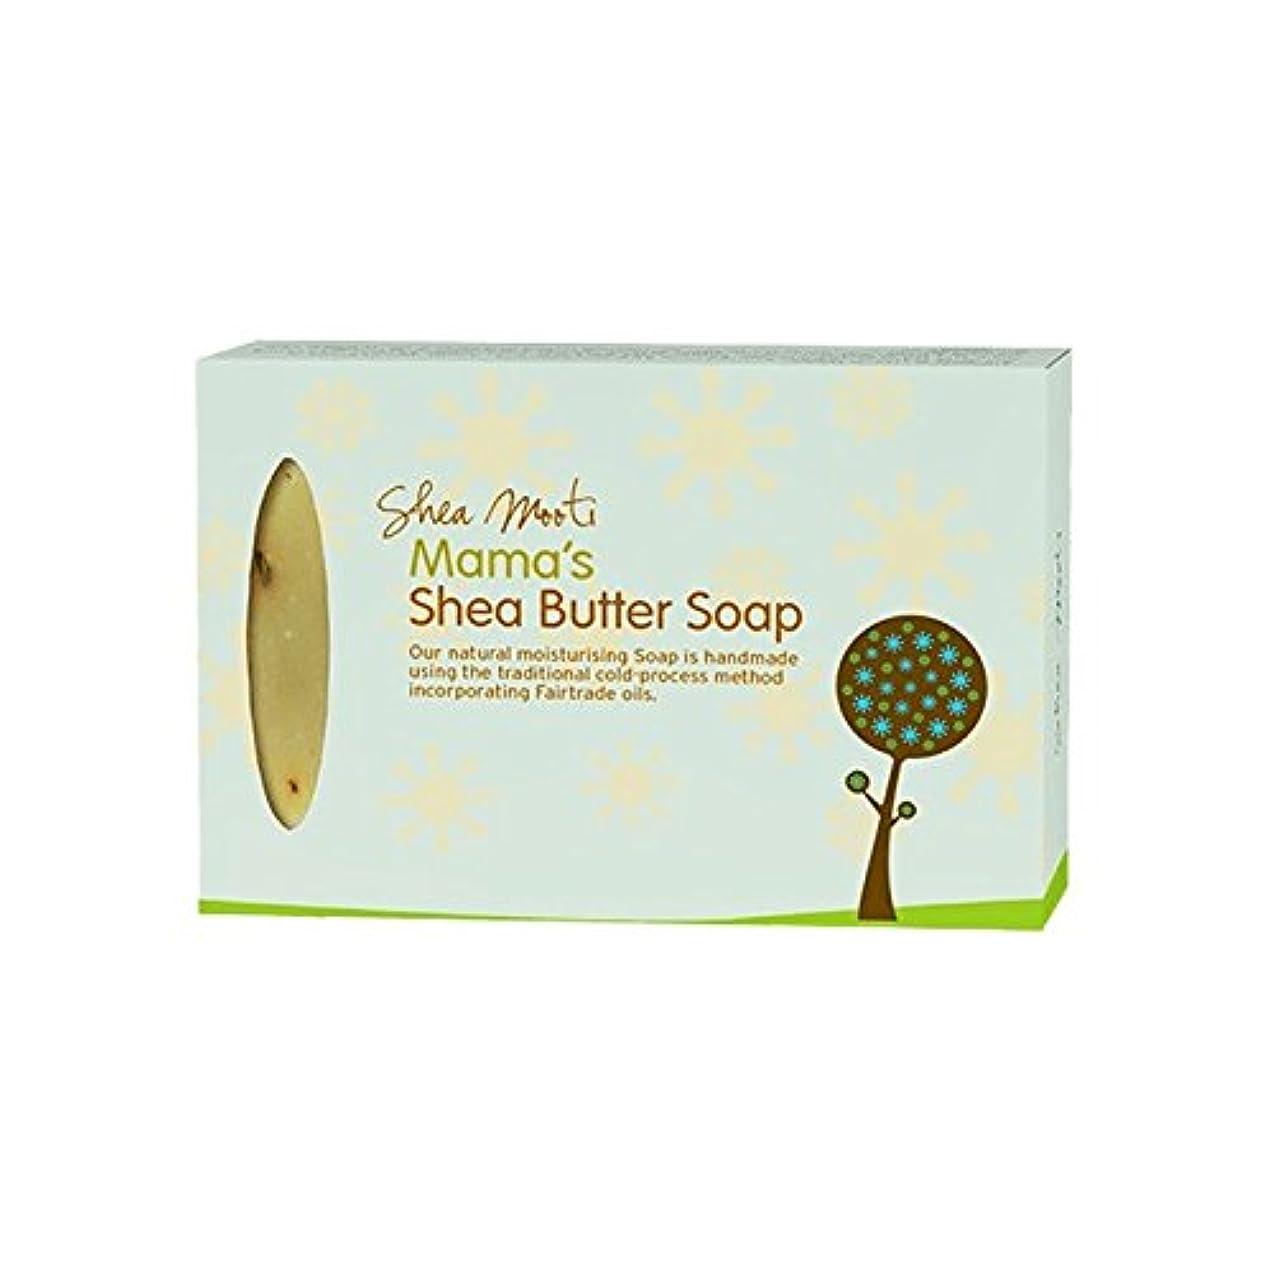 払い戻し包括的元気なシアバターMootiママのシアバターソープ100グラム - Shea Mooti Mama's Shea Butter Soap 100g (Shea Mooti) [並行輸入品]